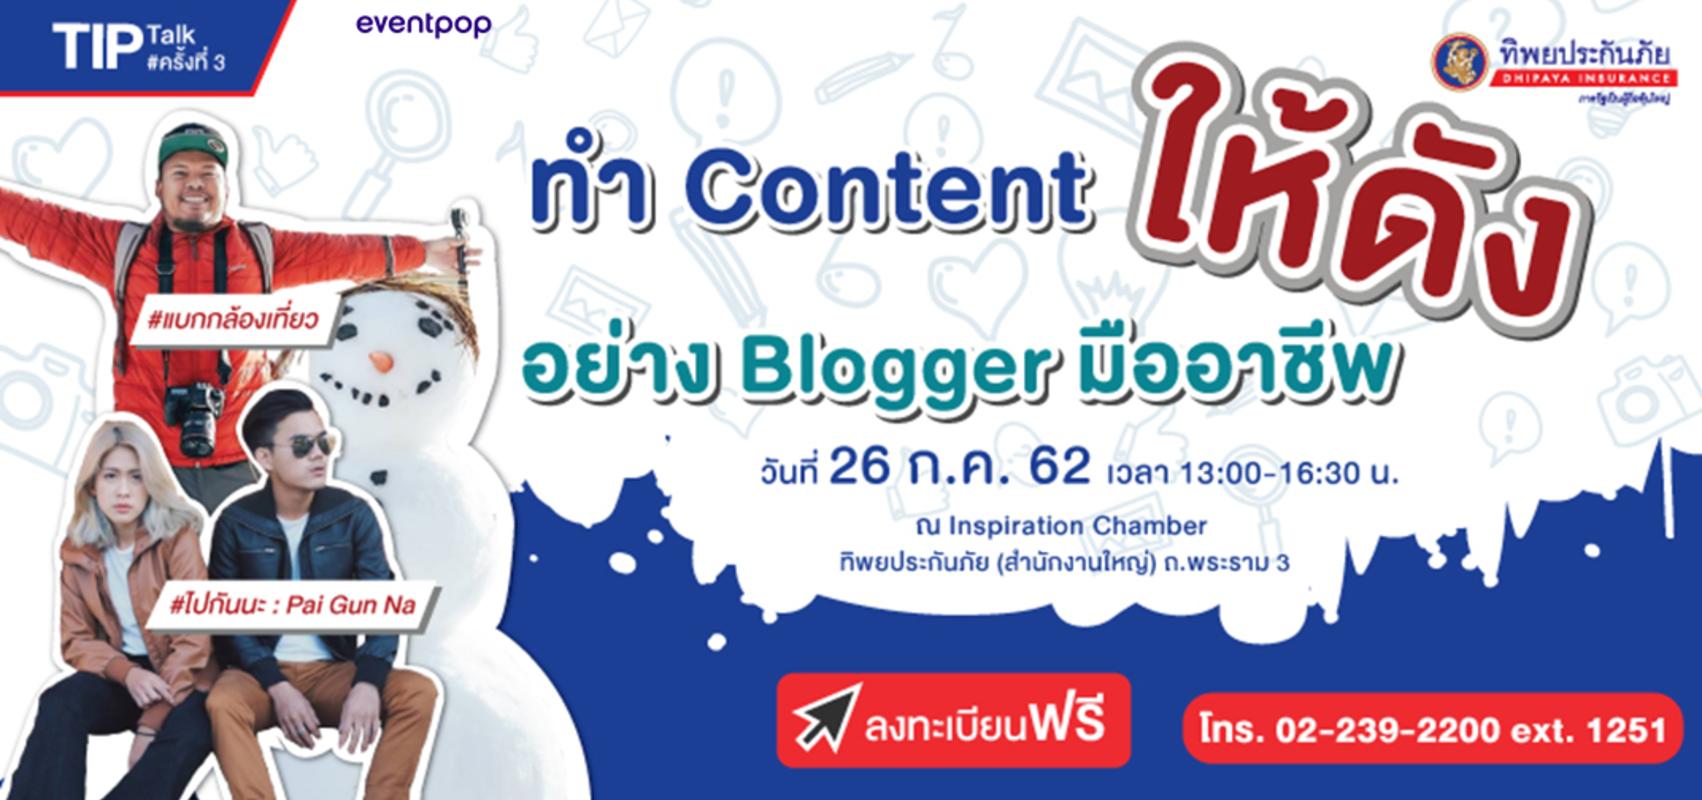 ลงทะเบียนฟรี TIP Talk ครั้งที่ 3 : ทำ Content ให้ดัง อย่าง Blogger มืออาชีพ